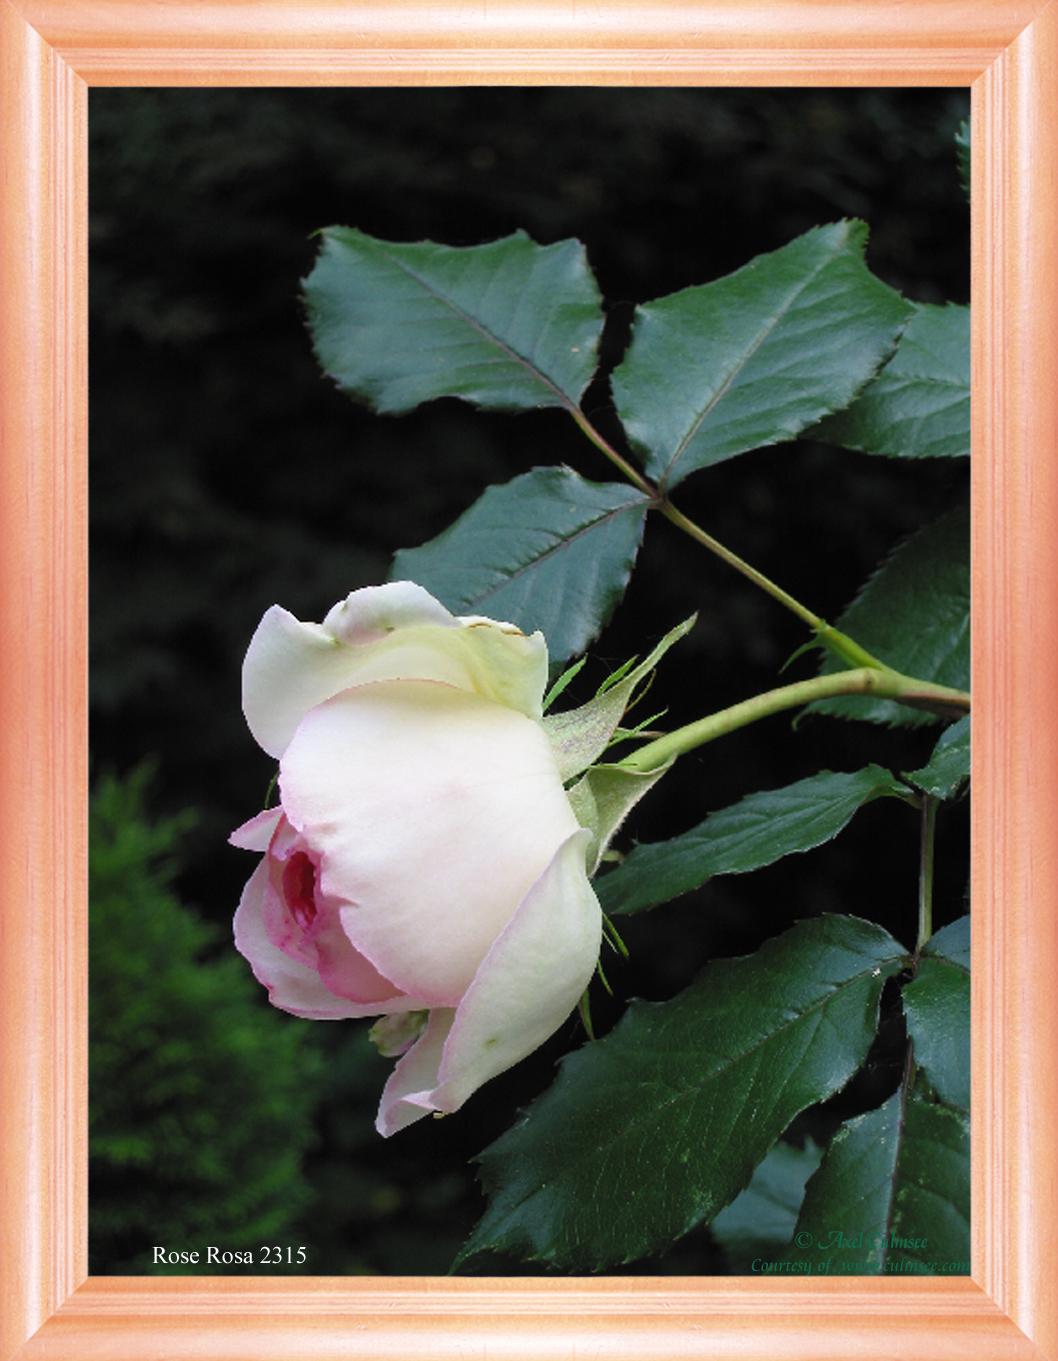 Rose Rosa 2315